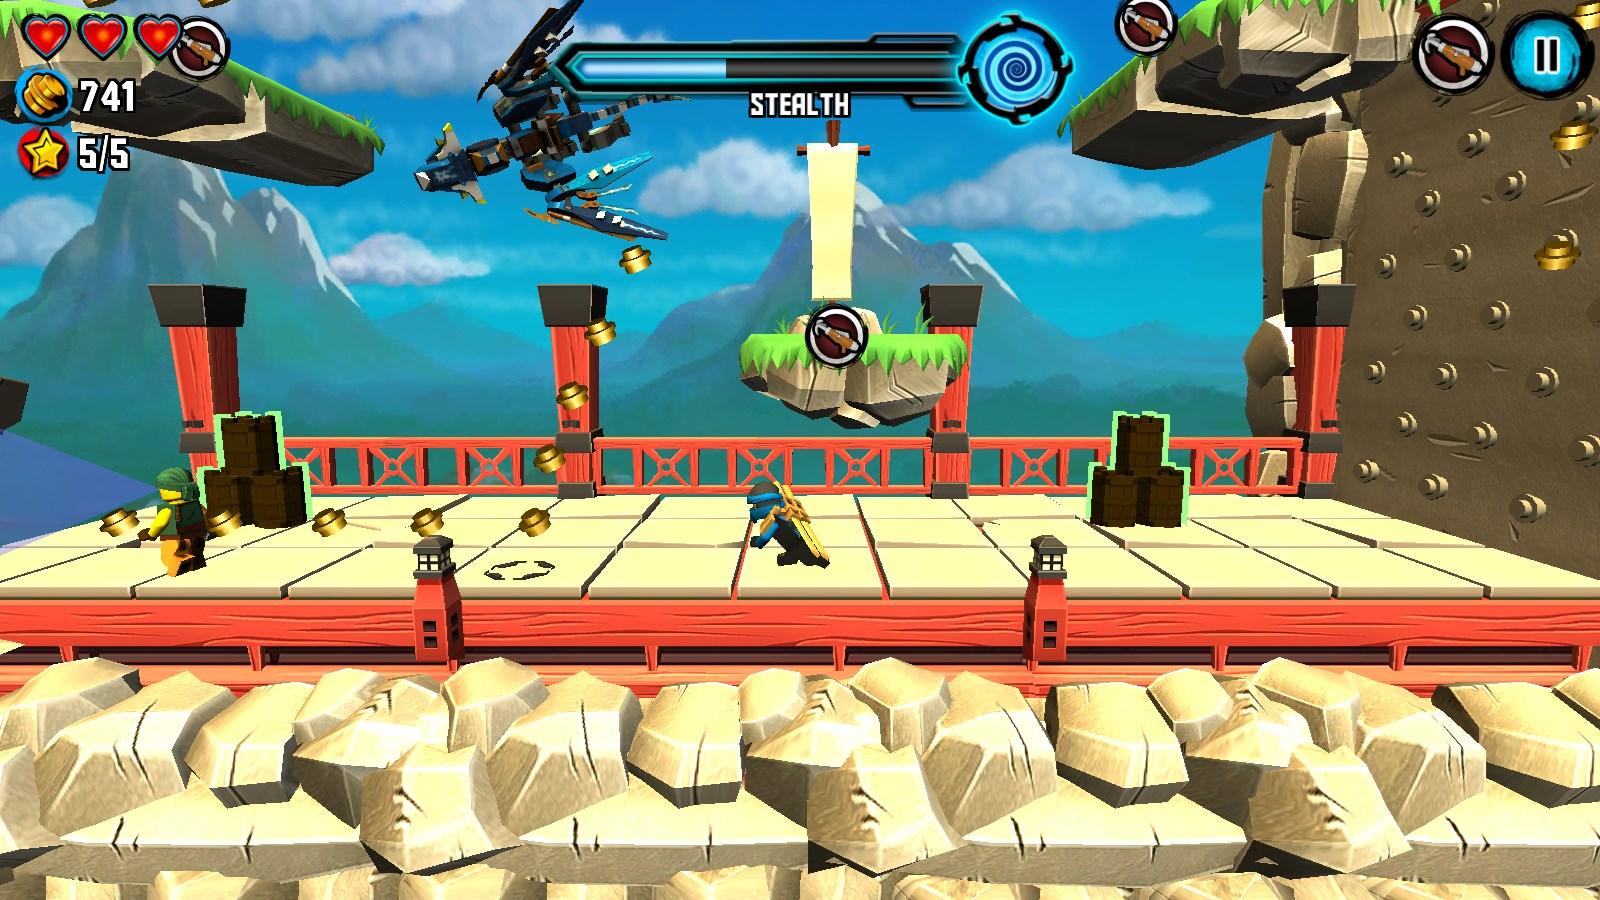 LEGO Ninjago: Skybound - Imagem 1 do software